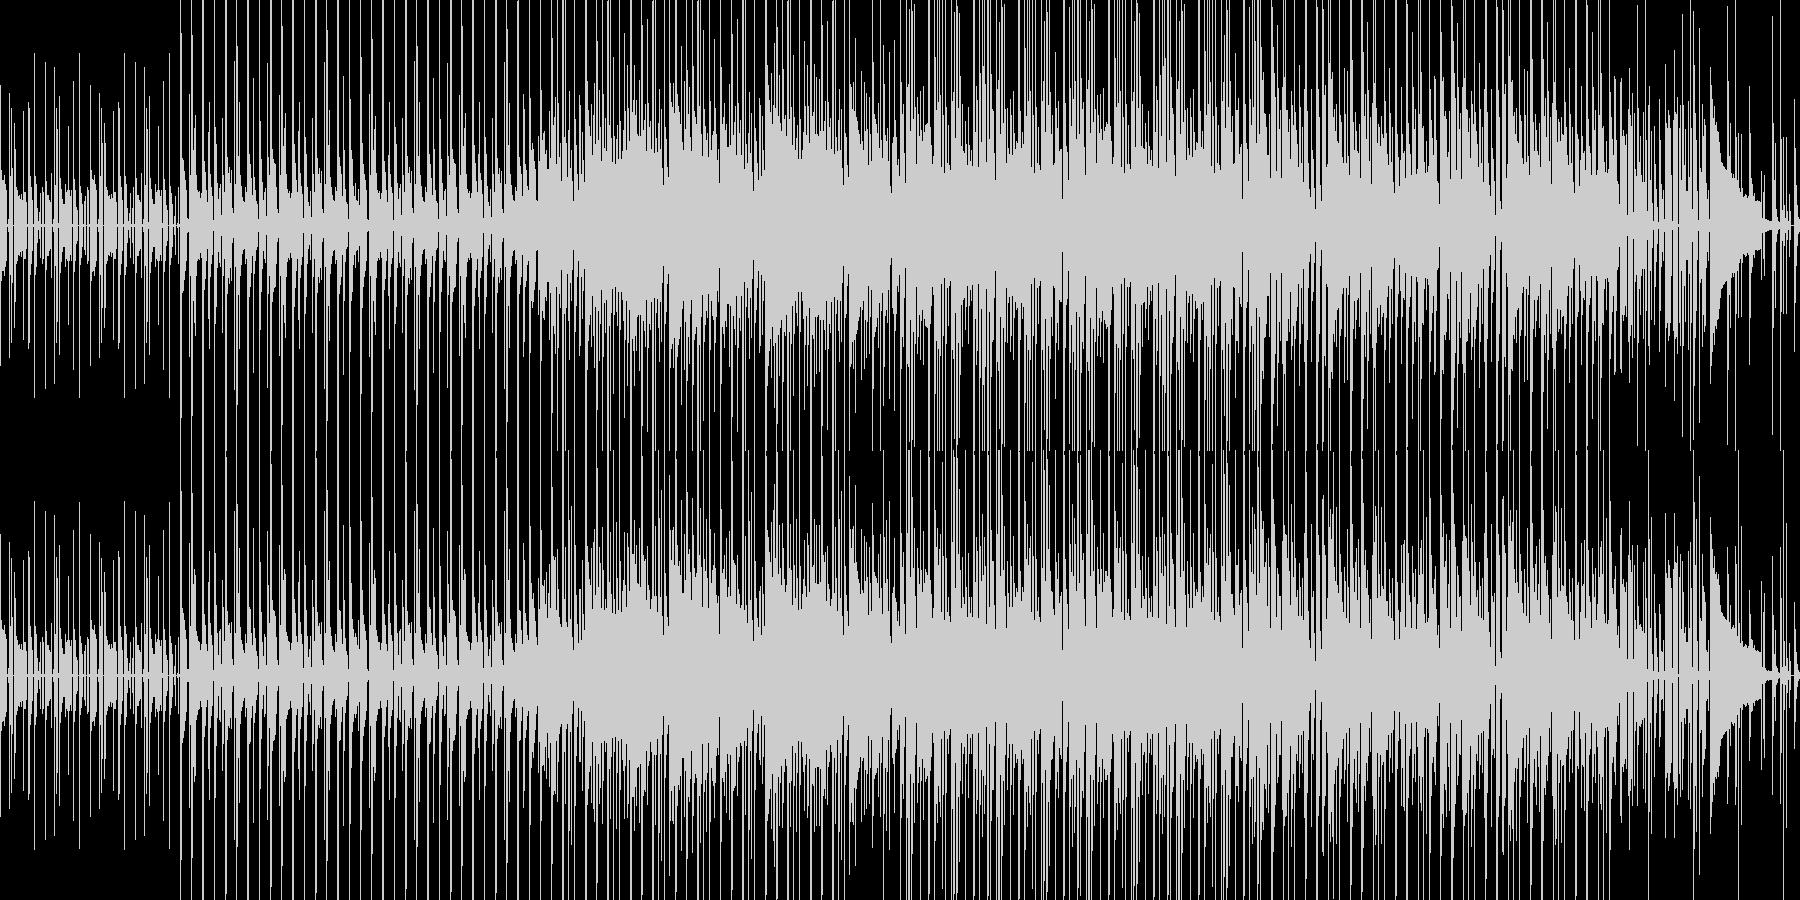 カッティングギターが特徴のファンクの未再生の波形